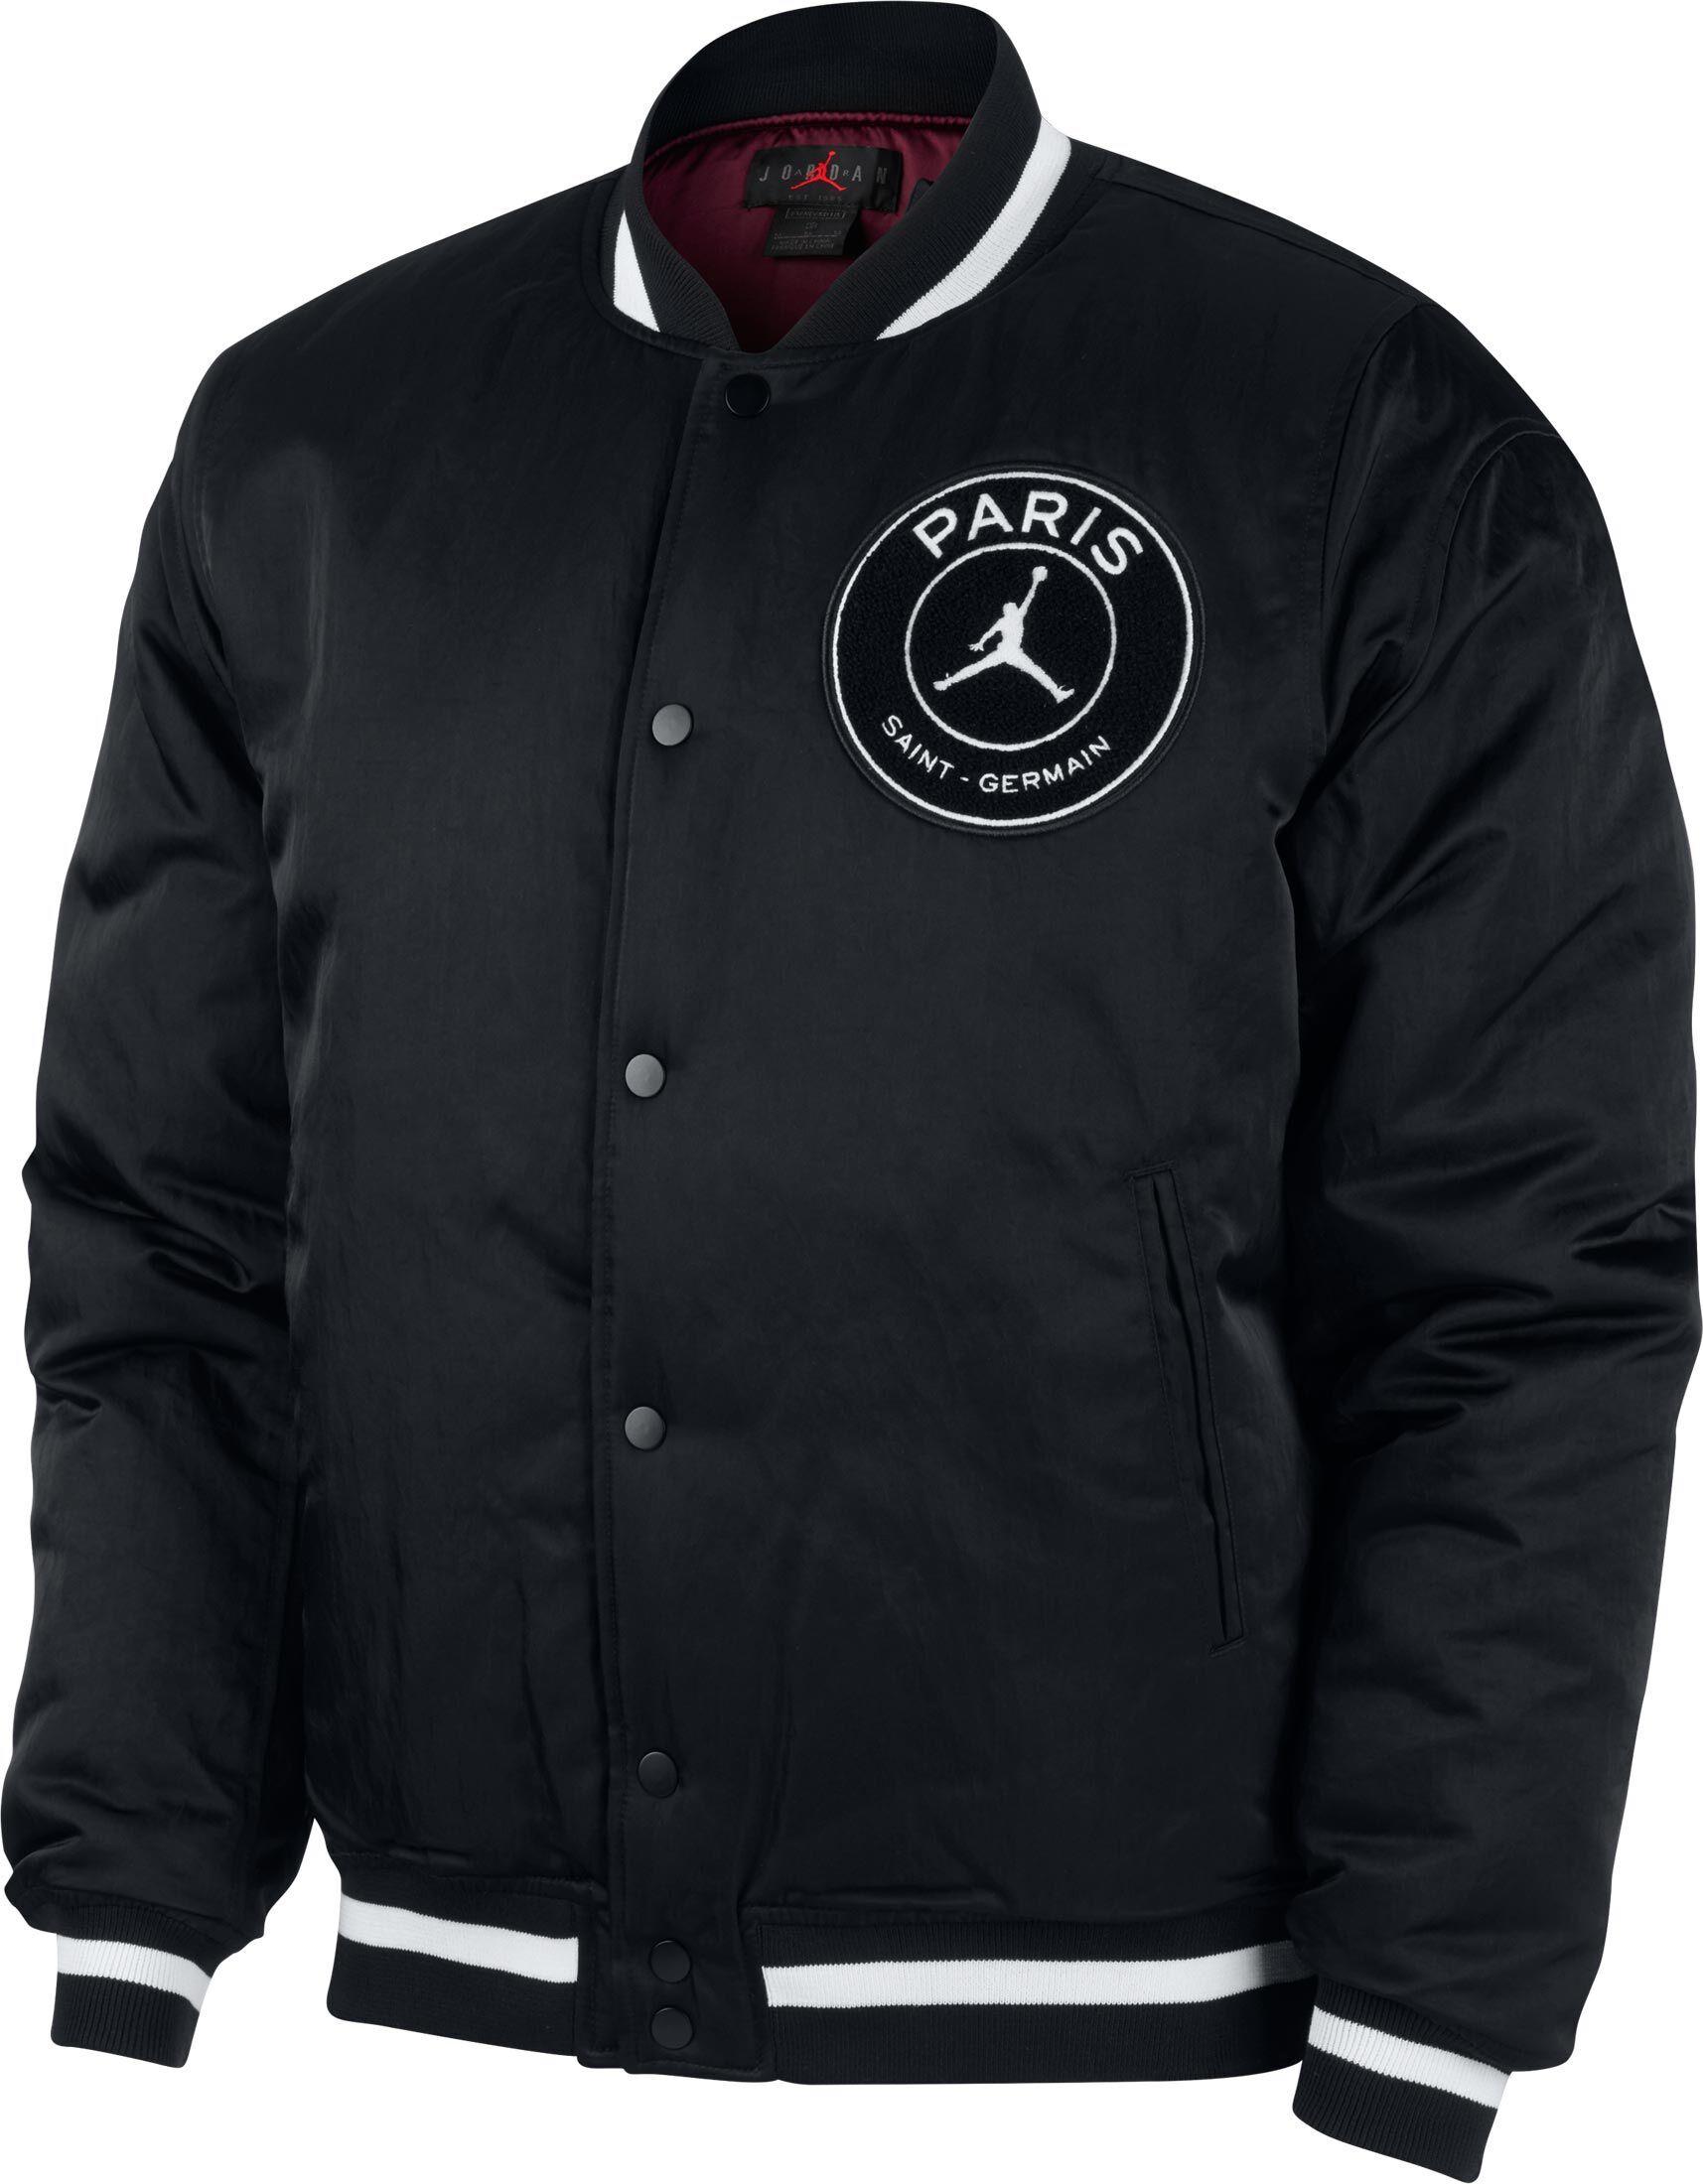 Jordan Paris Saint-Germain, taille S, homme, noir